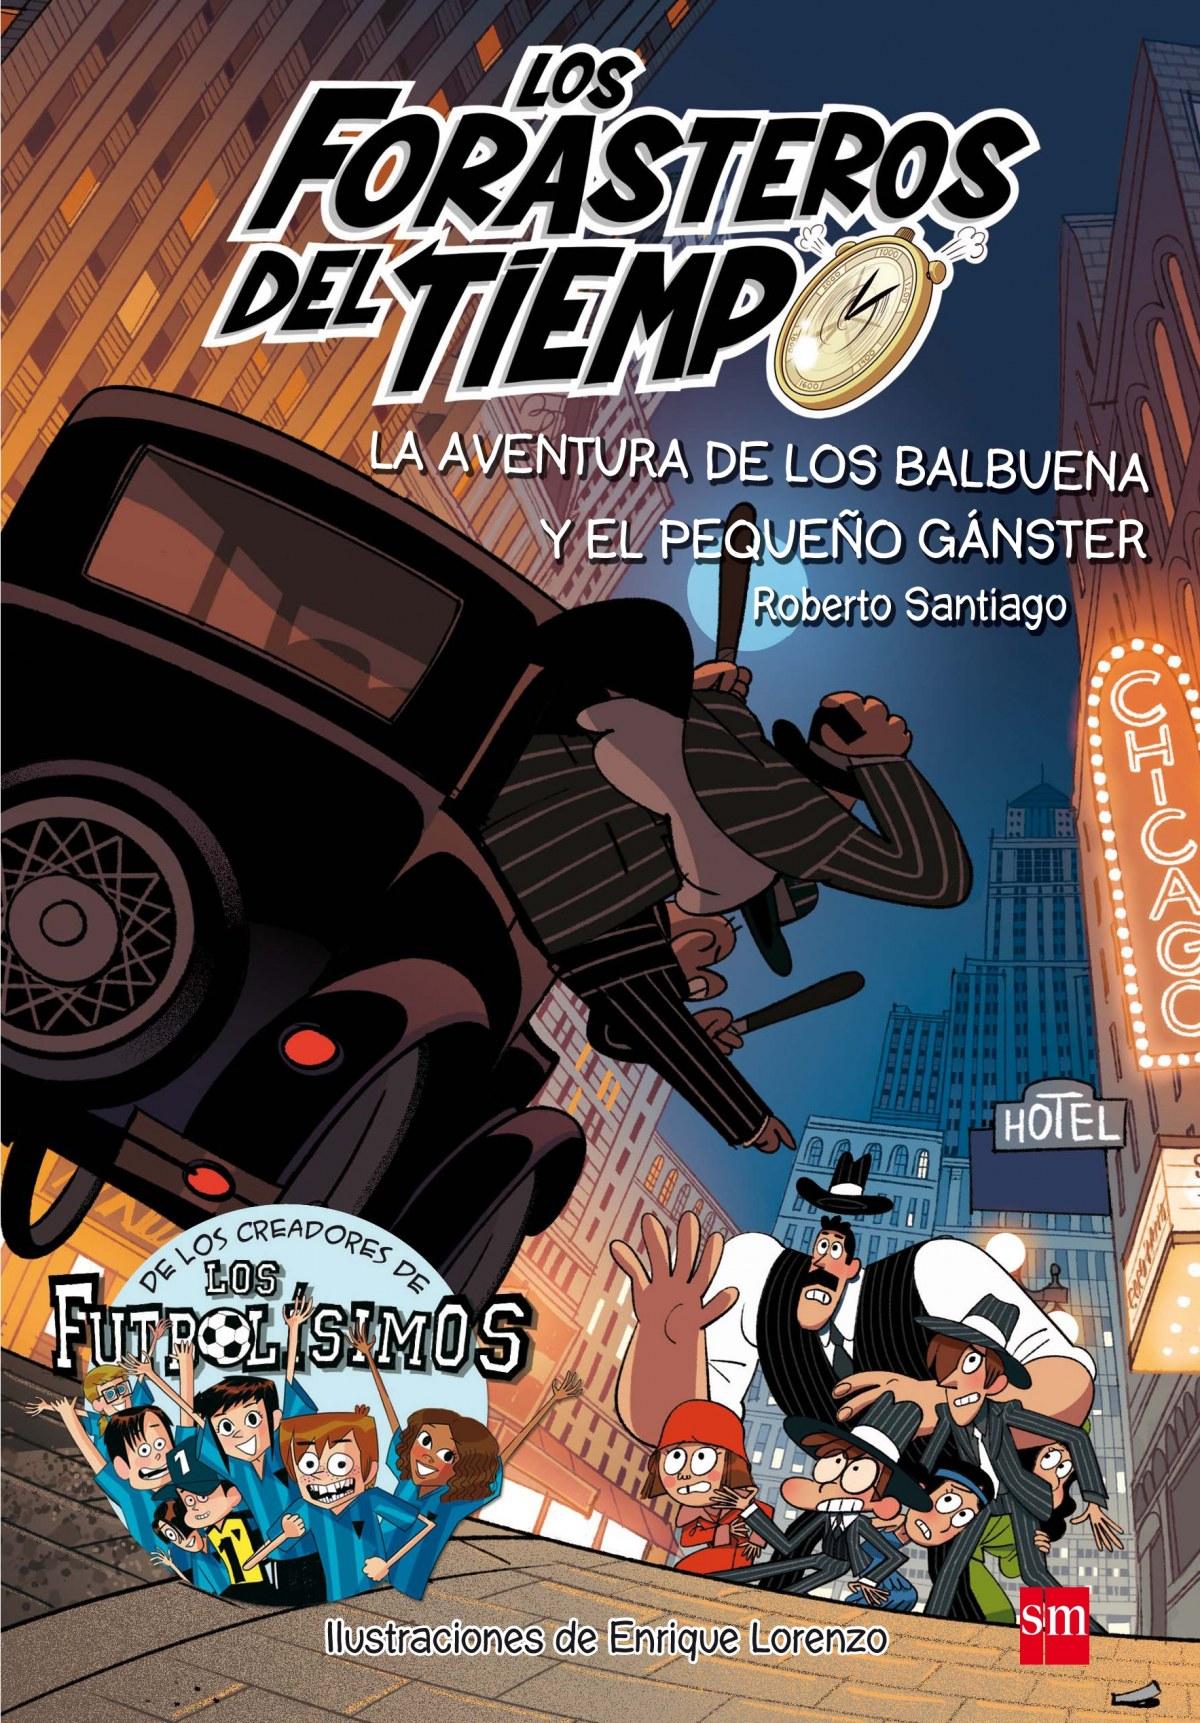 LA AVENTURA DE LOS BALBUENA Y EL PEQUEñO GÁNSTER 9788491072669